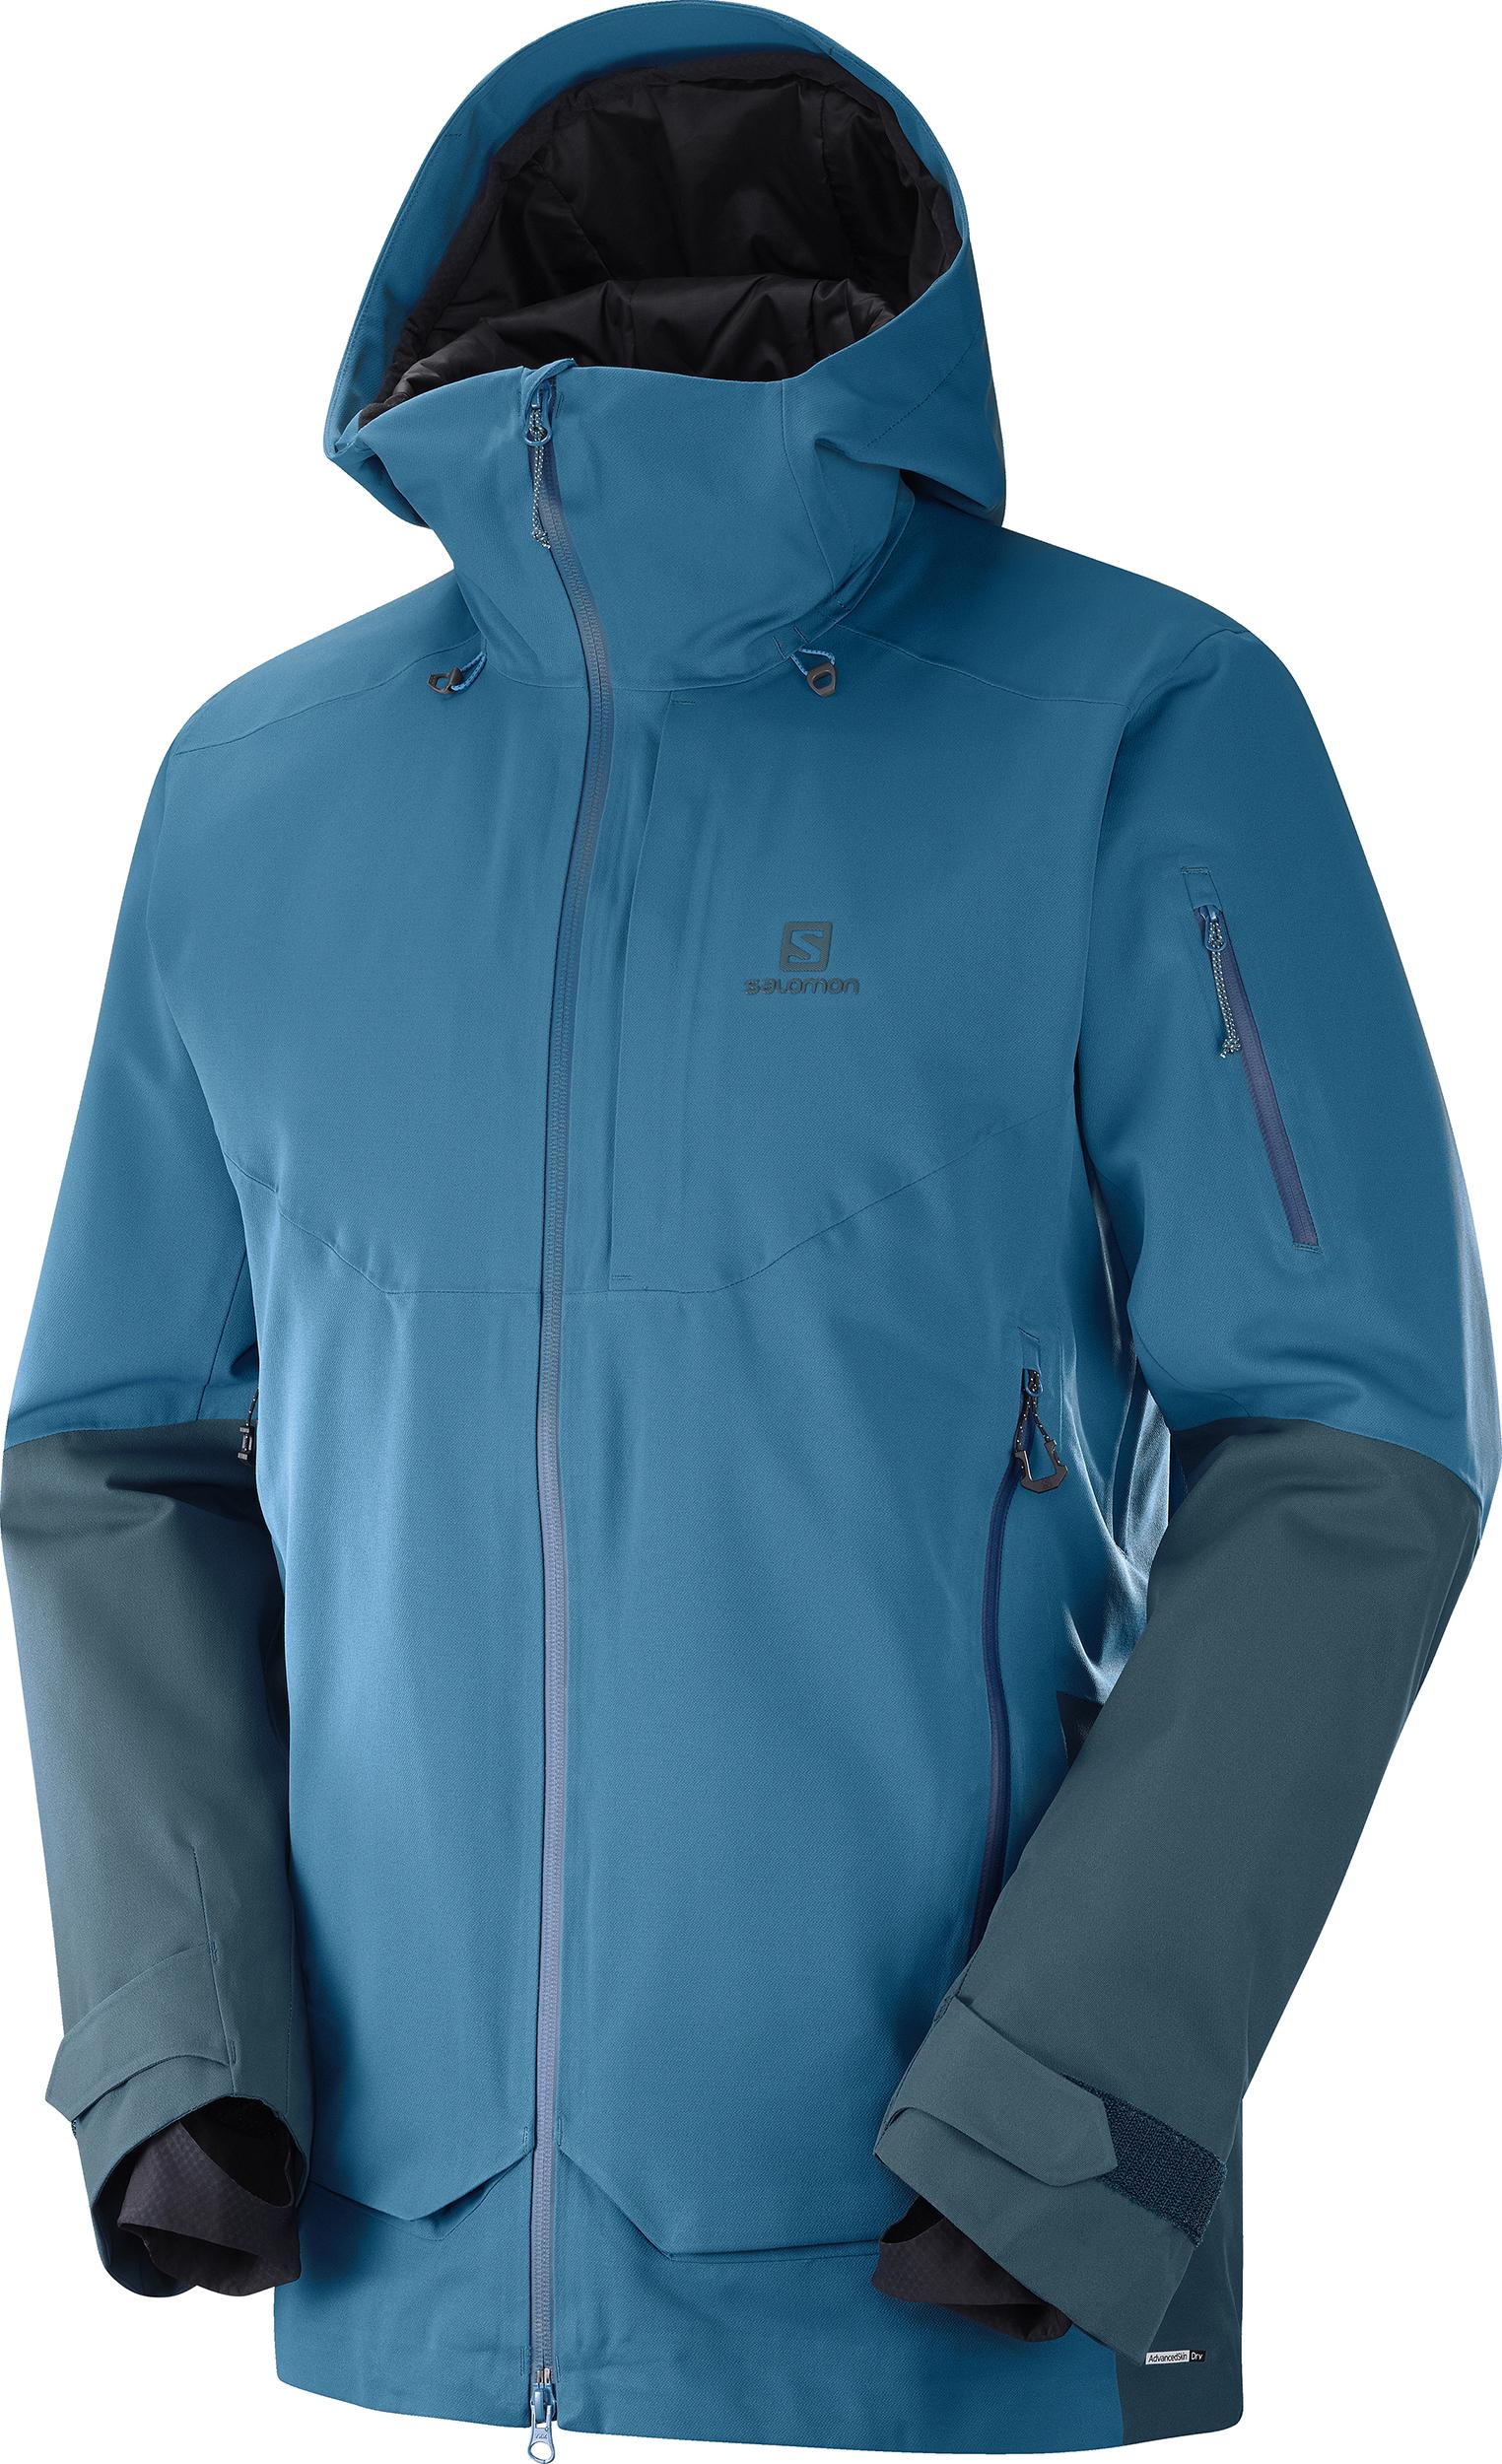 878c7ce56 Salomon QST Guard Jacket - Men's | MEC